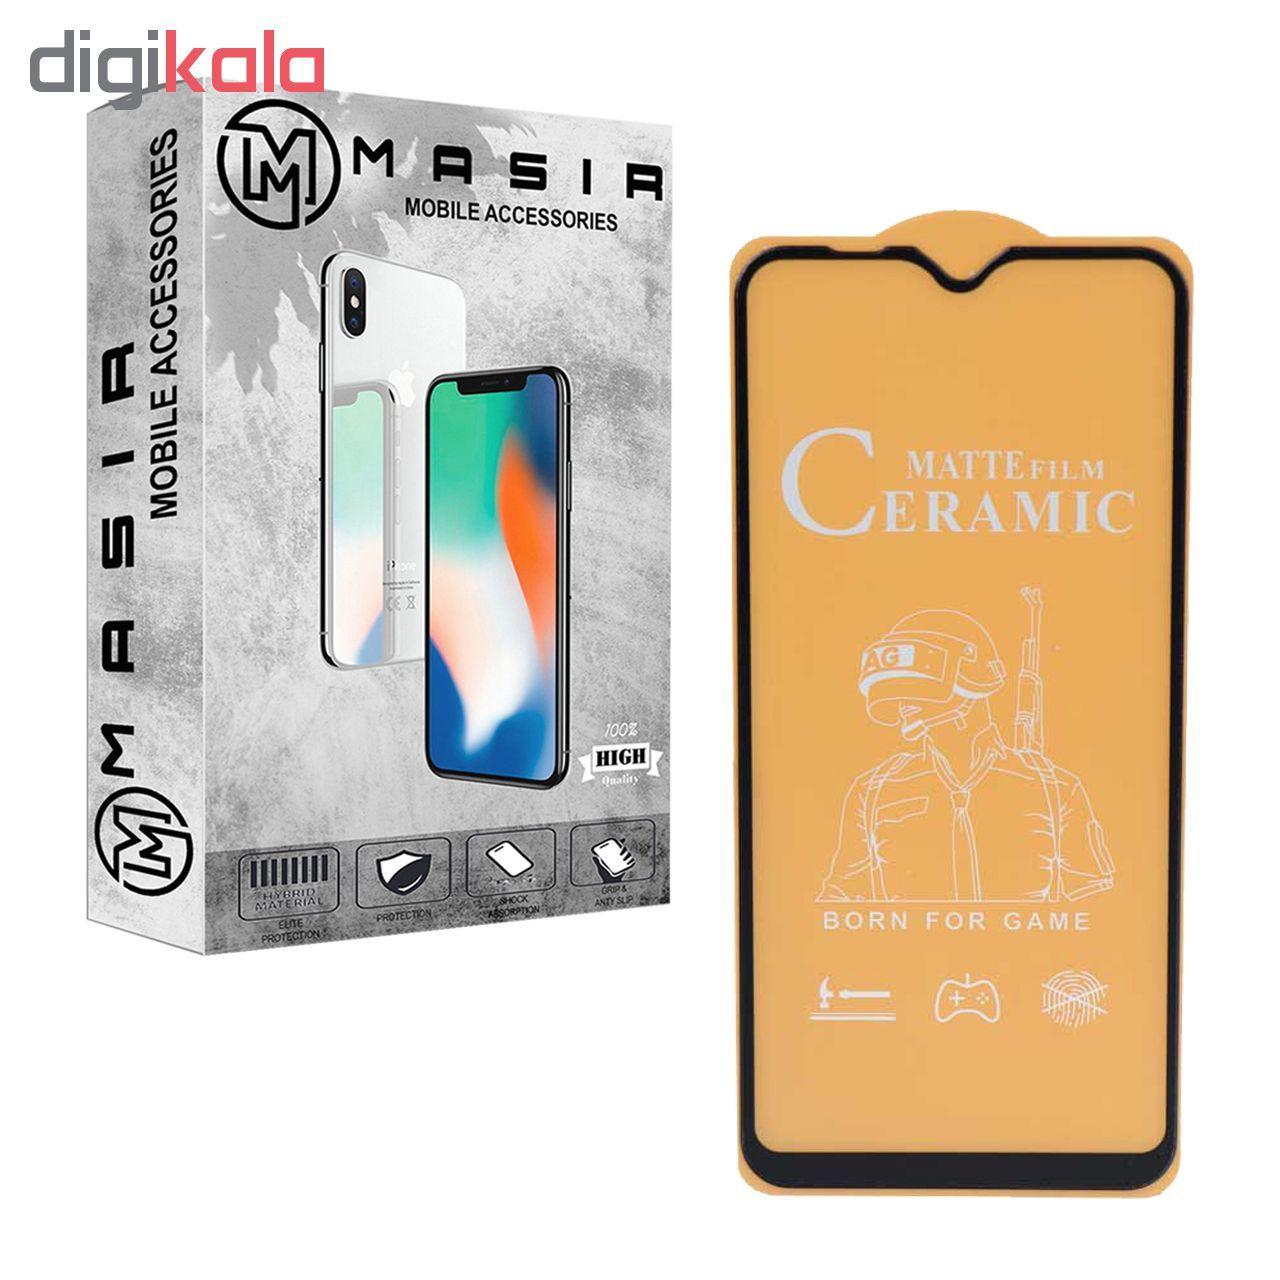 محافظ صفحه نمایش مات مسیر مدل MCRMCM-1 مناسب برای گوشی موبایل سامسونگ Galaxy A20S main 1 2